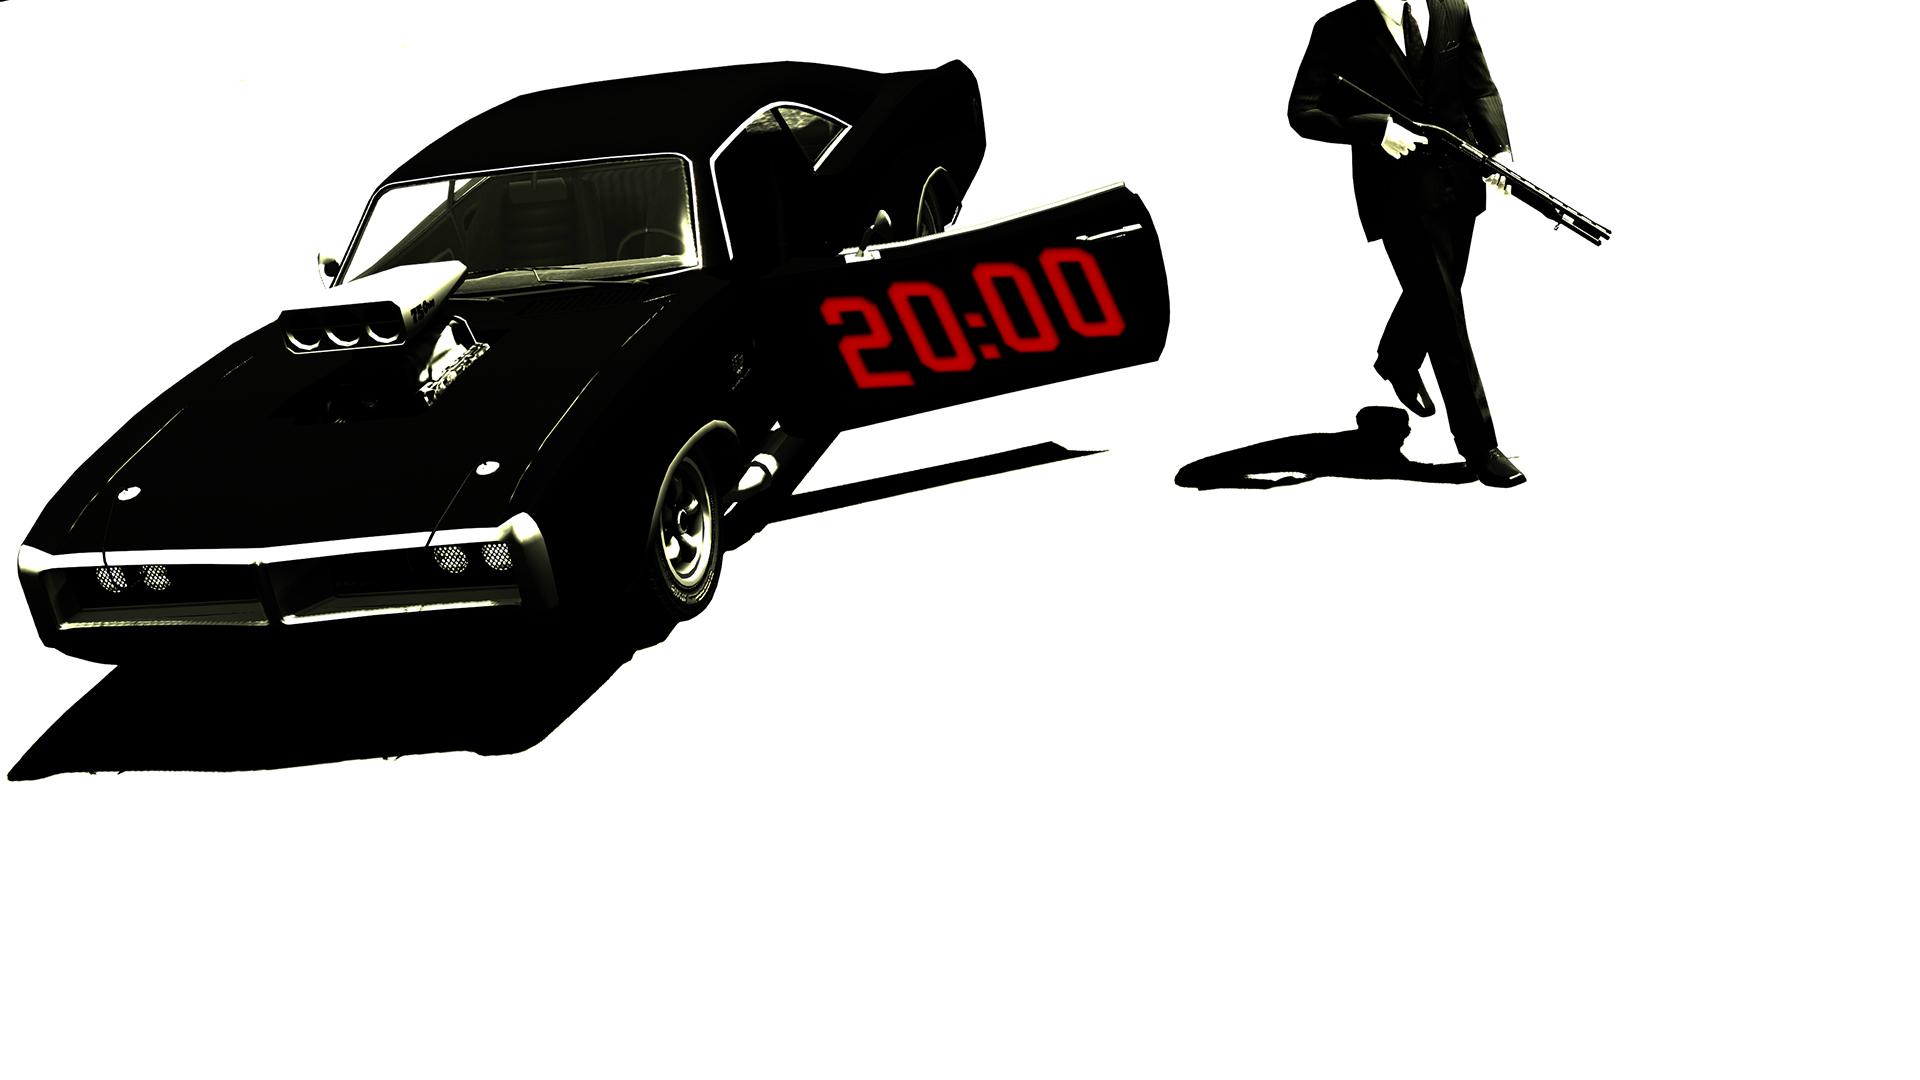 Надо бы раскочегарить #LFG, собираемся завтра в Grand Theft Auto IV! Стартуем 28ого в 20:00 А главное теперь у меня .... - Изображение 1